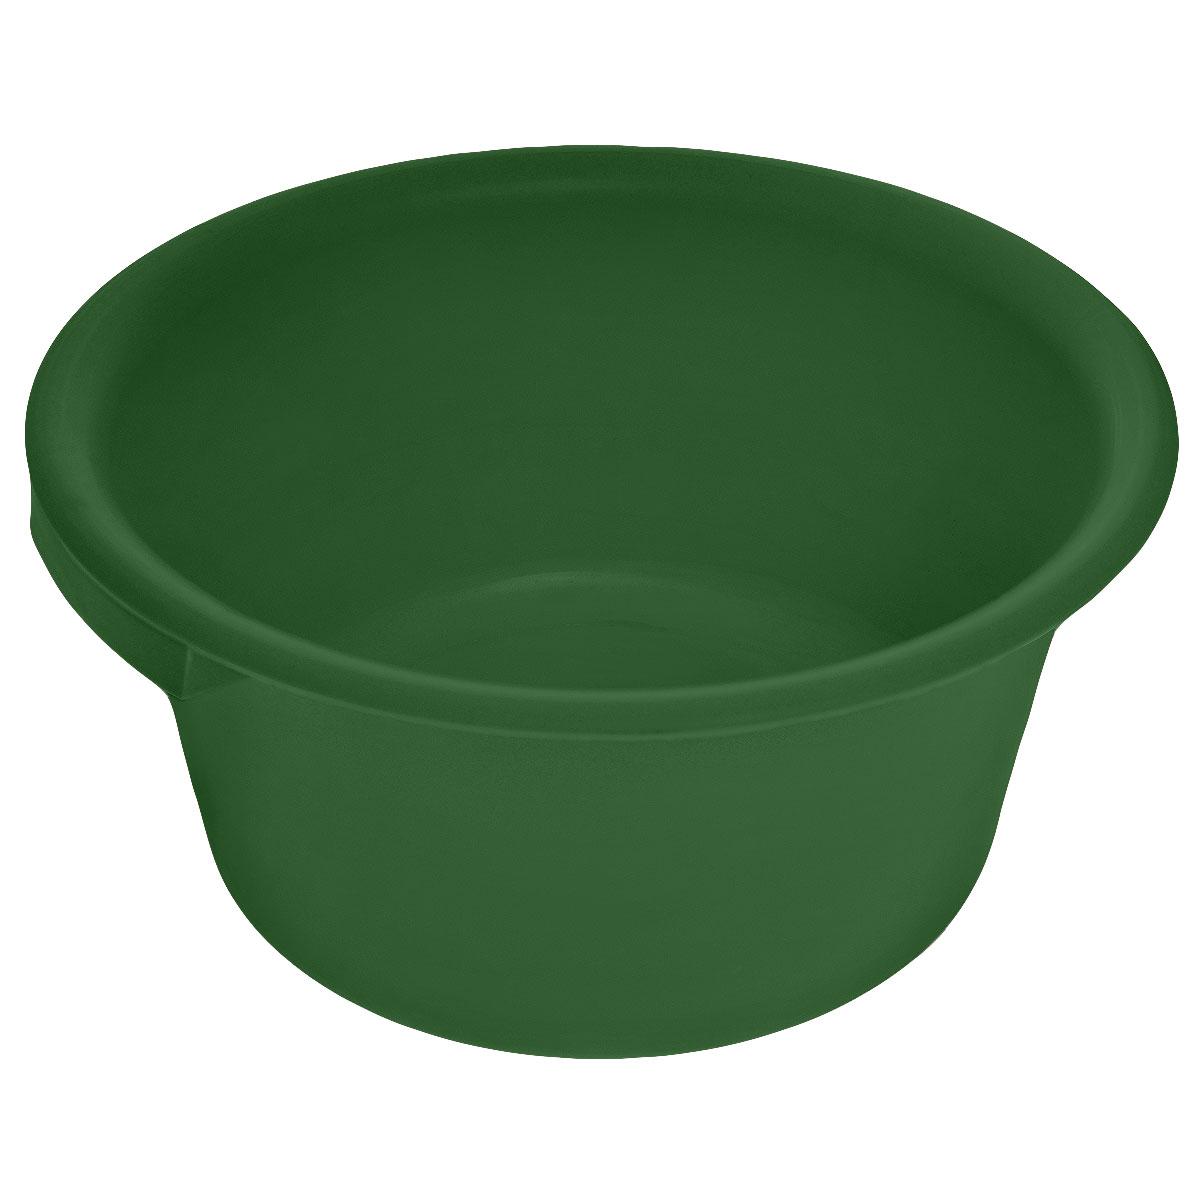 Таз хозяйственный Альтернатива, цвет: темно-зеленый, 9 лМ1106Таз Альтернатива изготовлен из высококачественного пластика. Он выполнен в классическом круглом варианте. Для удобного использования изделие снабжено двумя ручками. Таз предназначен для стирки и хранения разных вещей. Он пригодится в любом хозяйстве. Объем: 9 л. Диаметр (по верхнему краю): 35 см. Высота: 15,5 см.